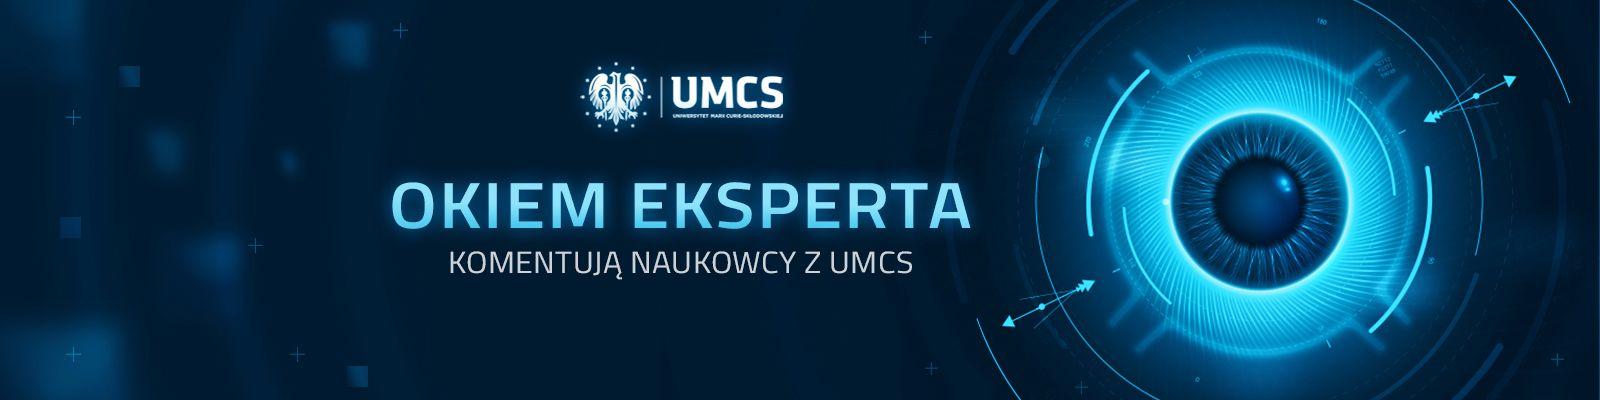 Okiem eksperta - nowa inicjatywa promująca naukę na UMCS